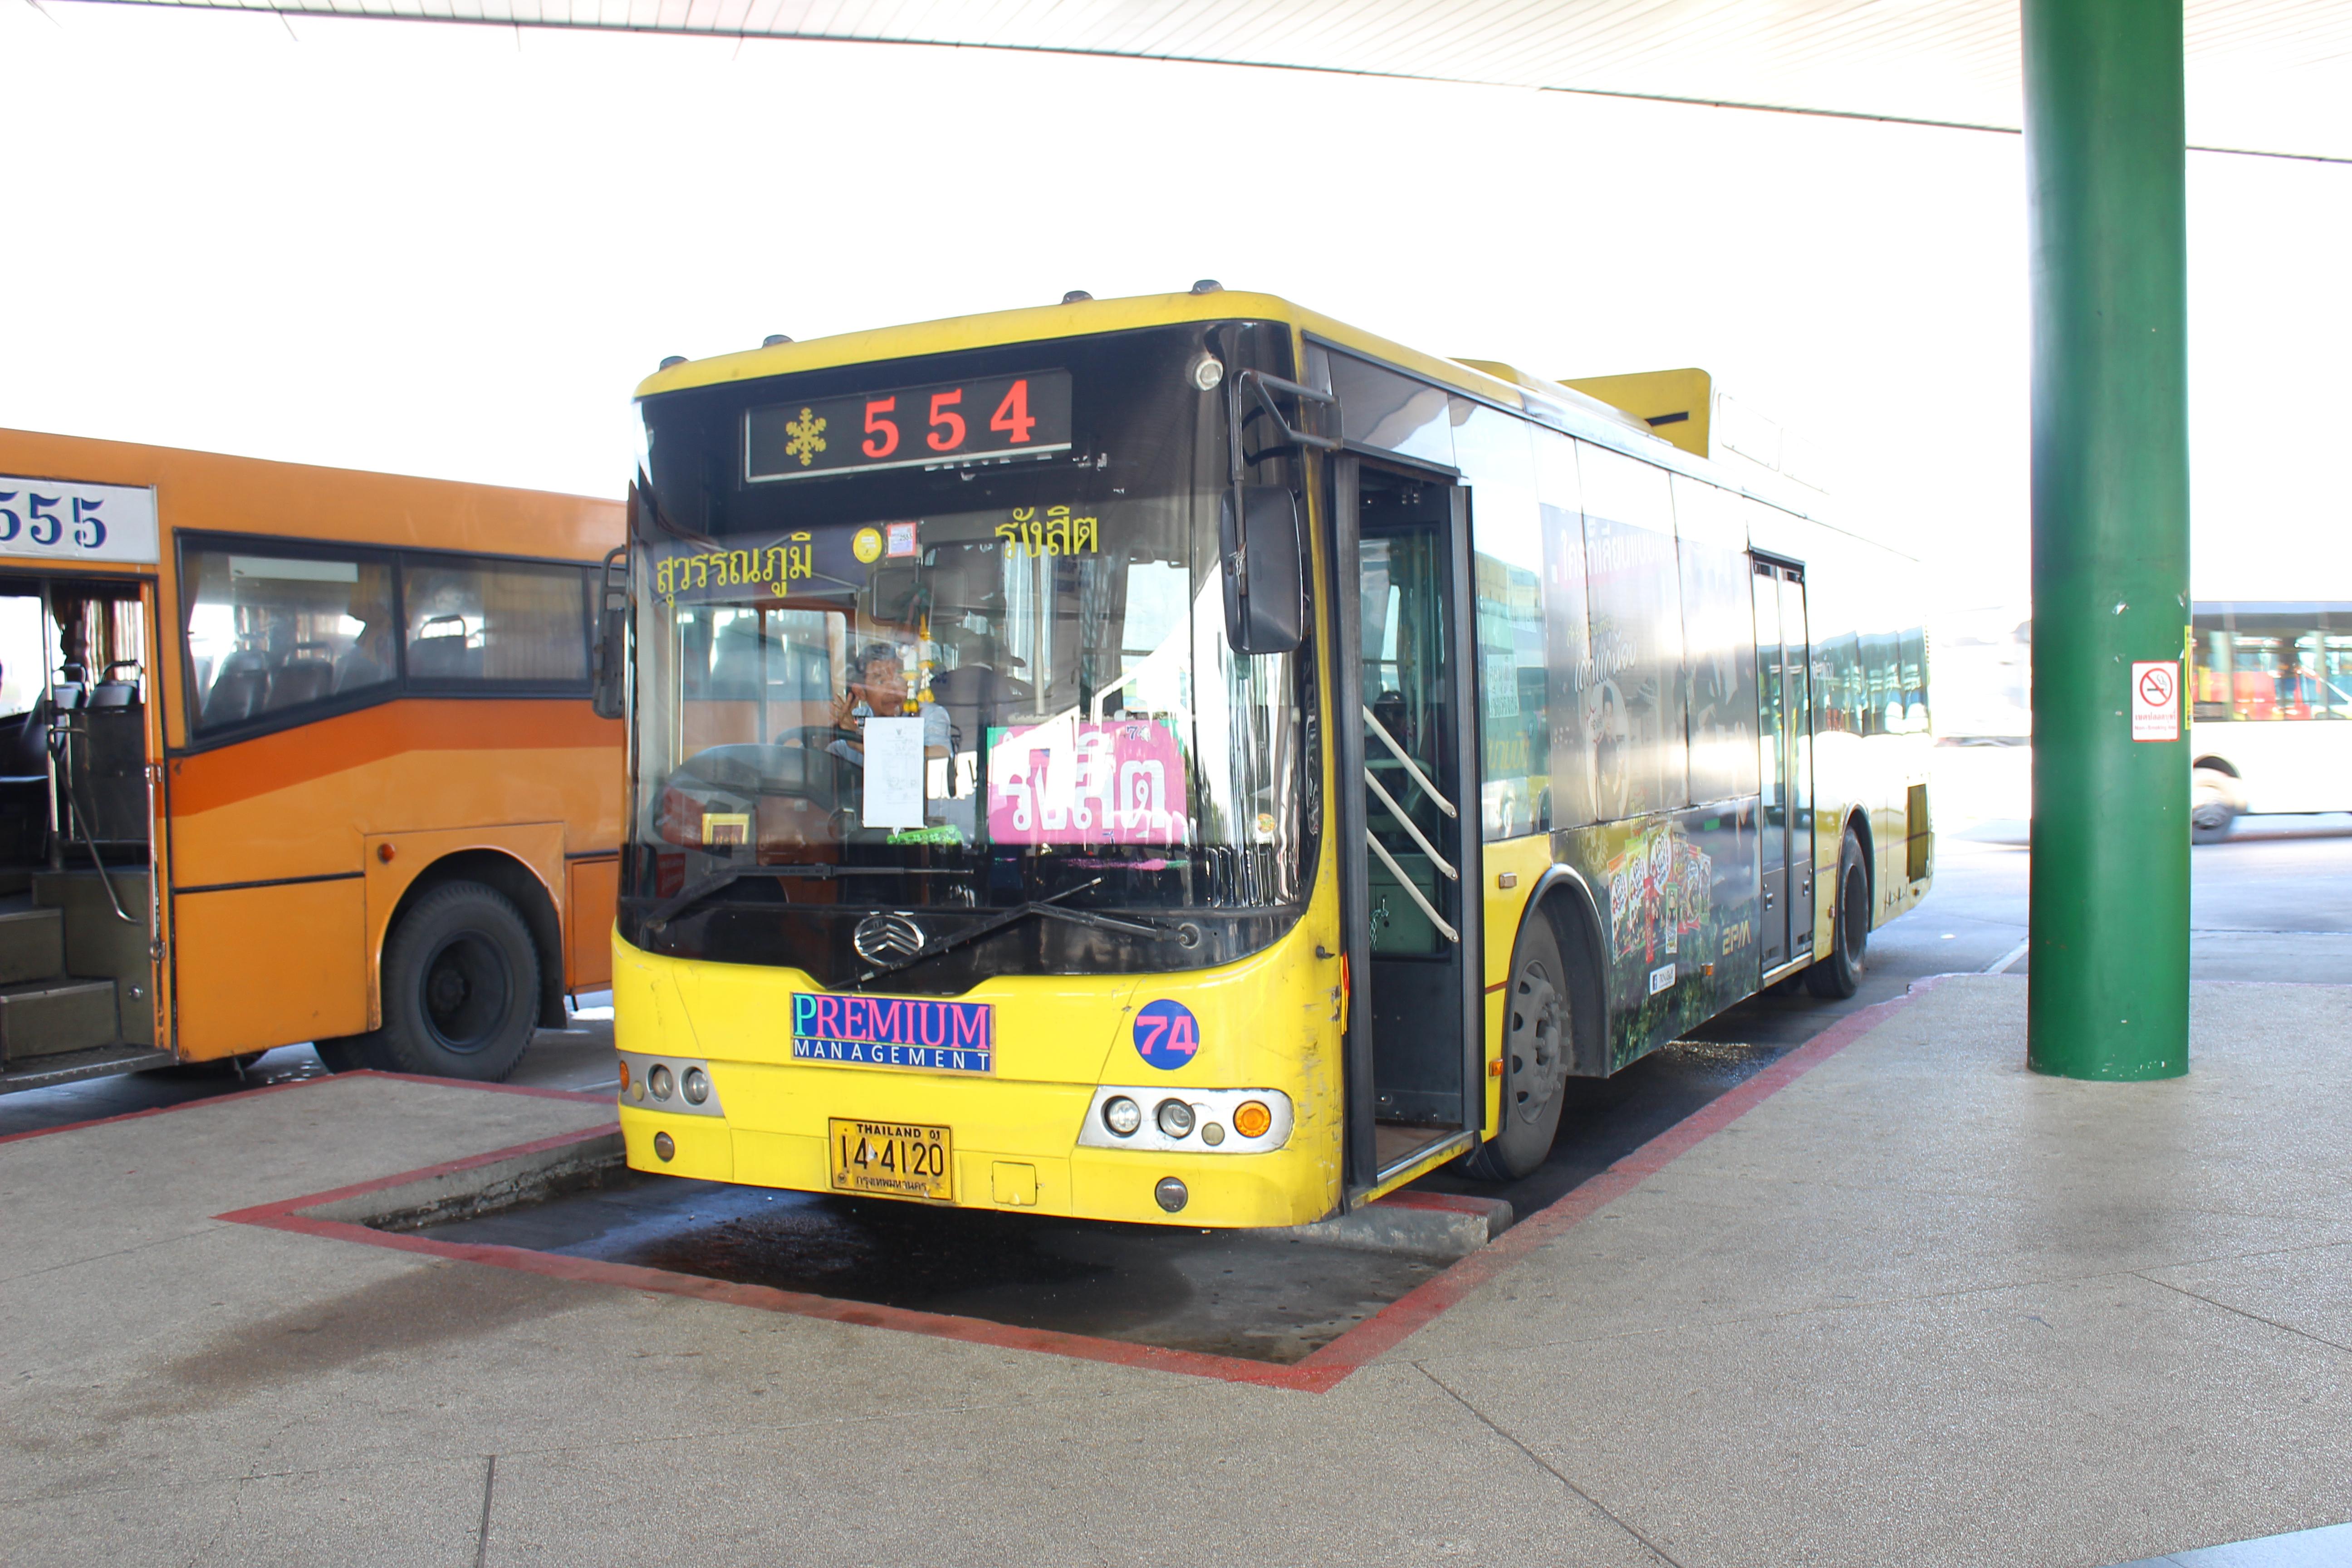 File:Bus 554.jpg